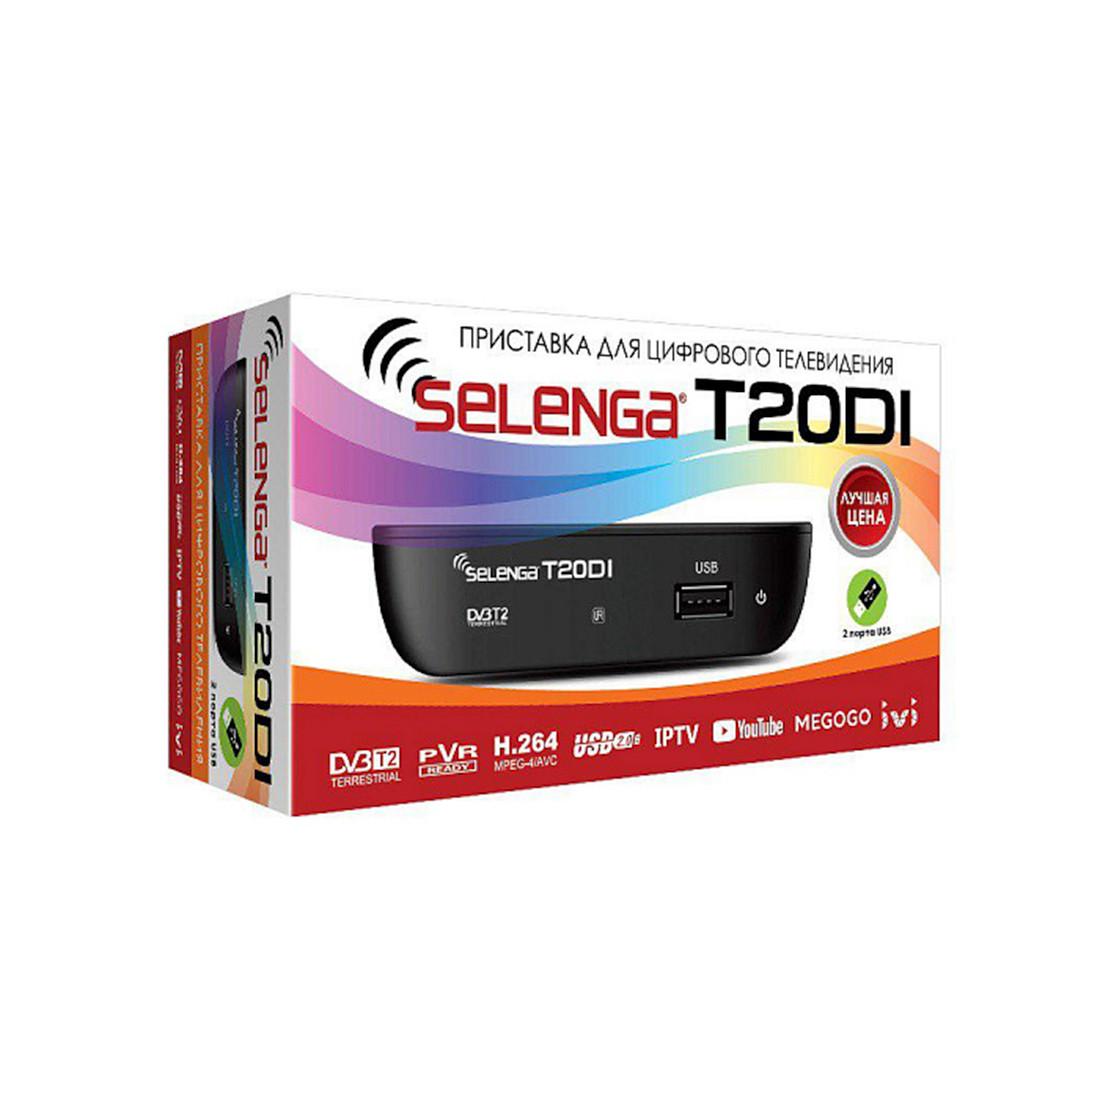 Цифровая приставка DVB-T2 SELENGA T20DI DVB-T2/C GX 3235S MAXLINEAR MXL 608 АС3 HDMI 2 USB 35 стерео ANT IN IR БП внешний 5V/2A батарейки